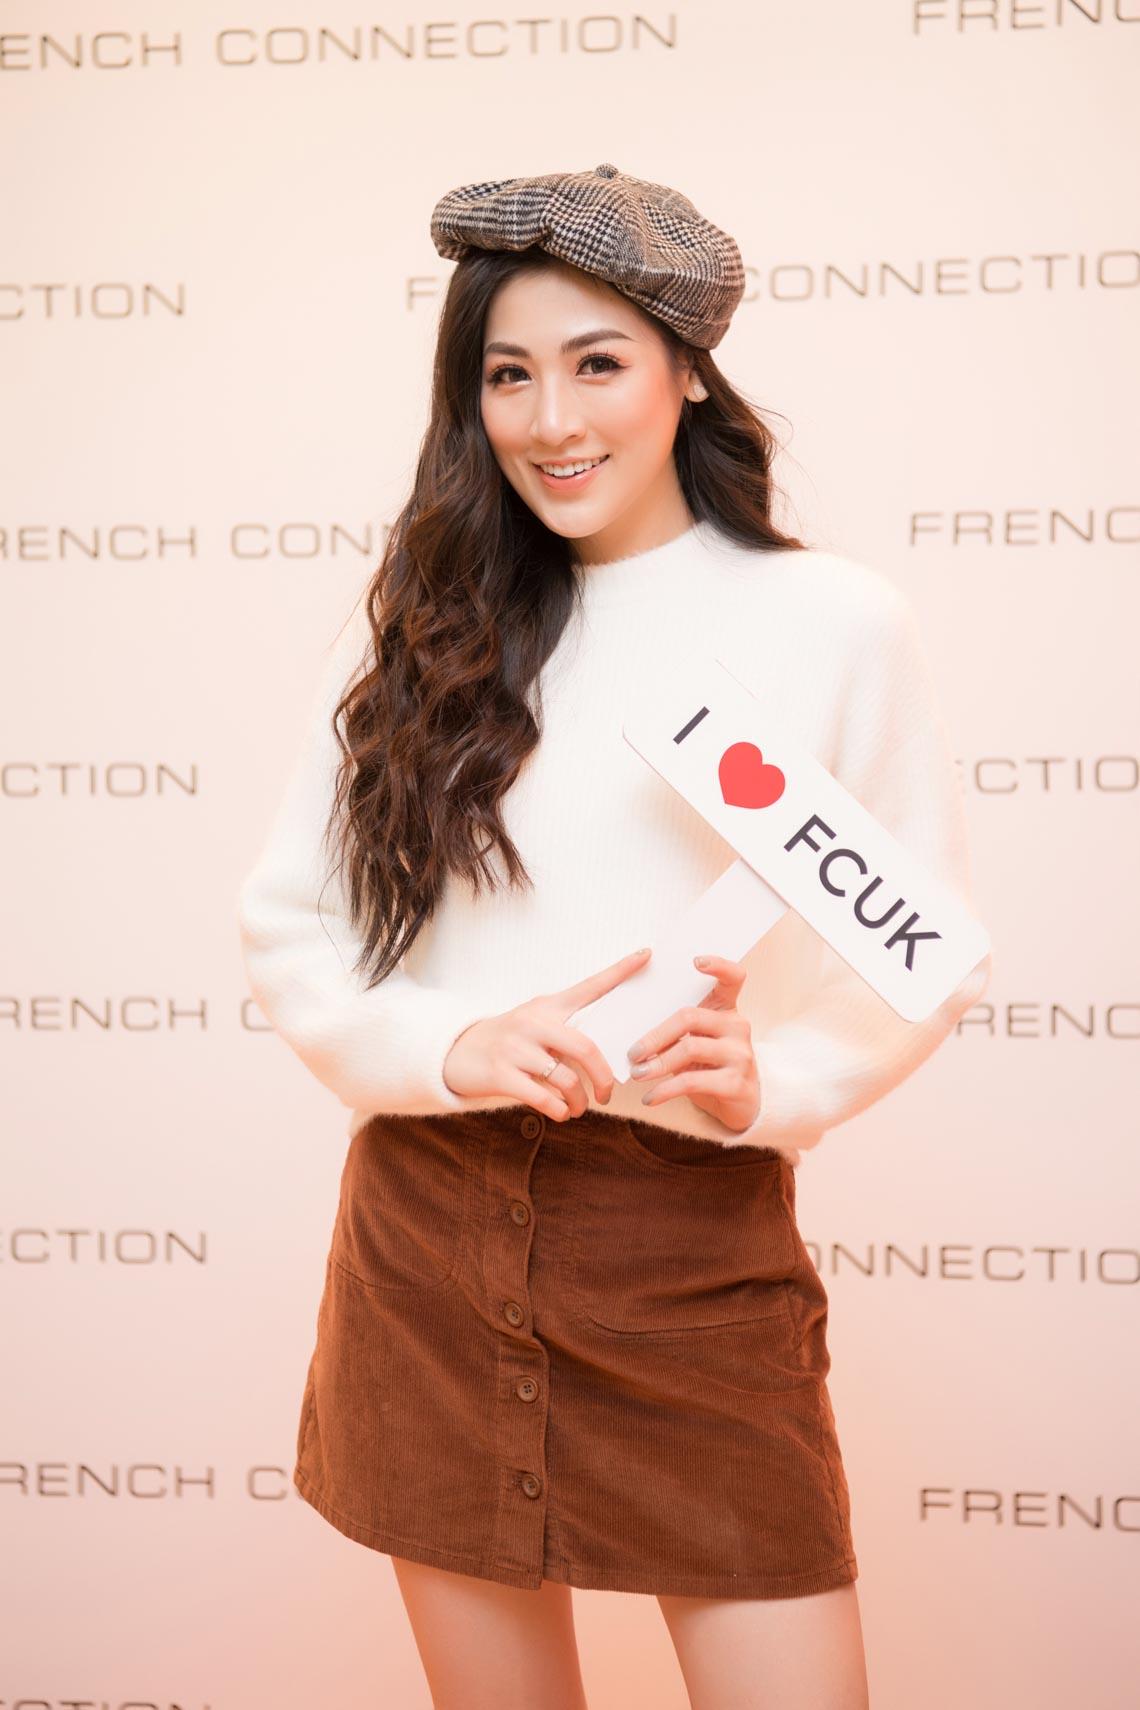 French Connection giới thiệu bộ sưu tập Thu Đông 2019 tại Hà Nội - 3